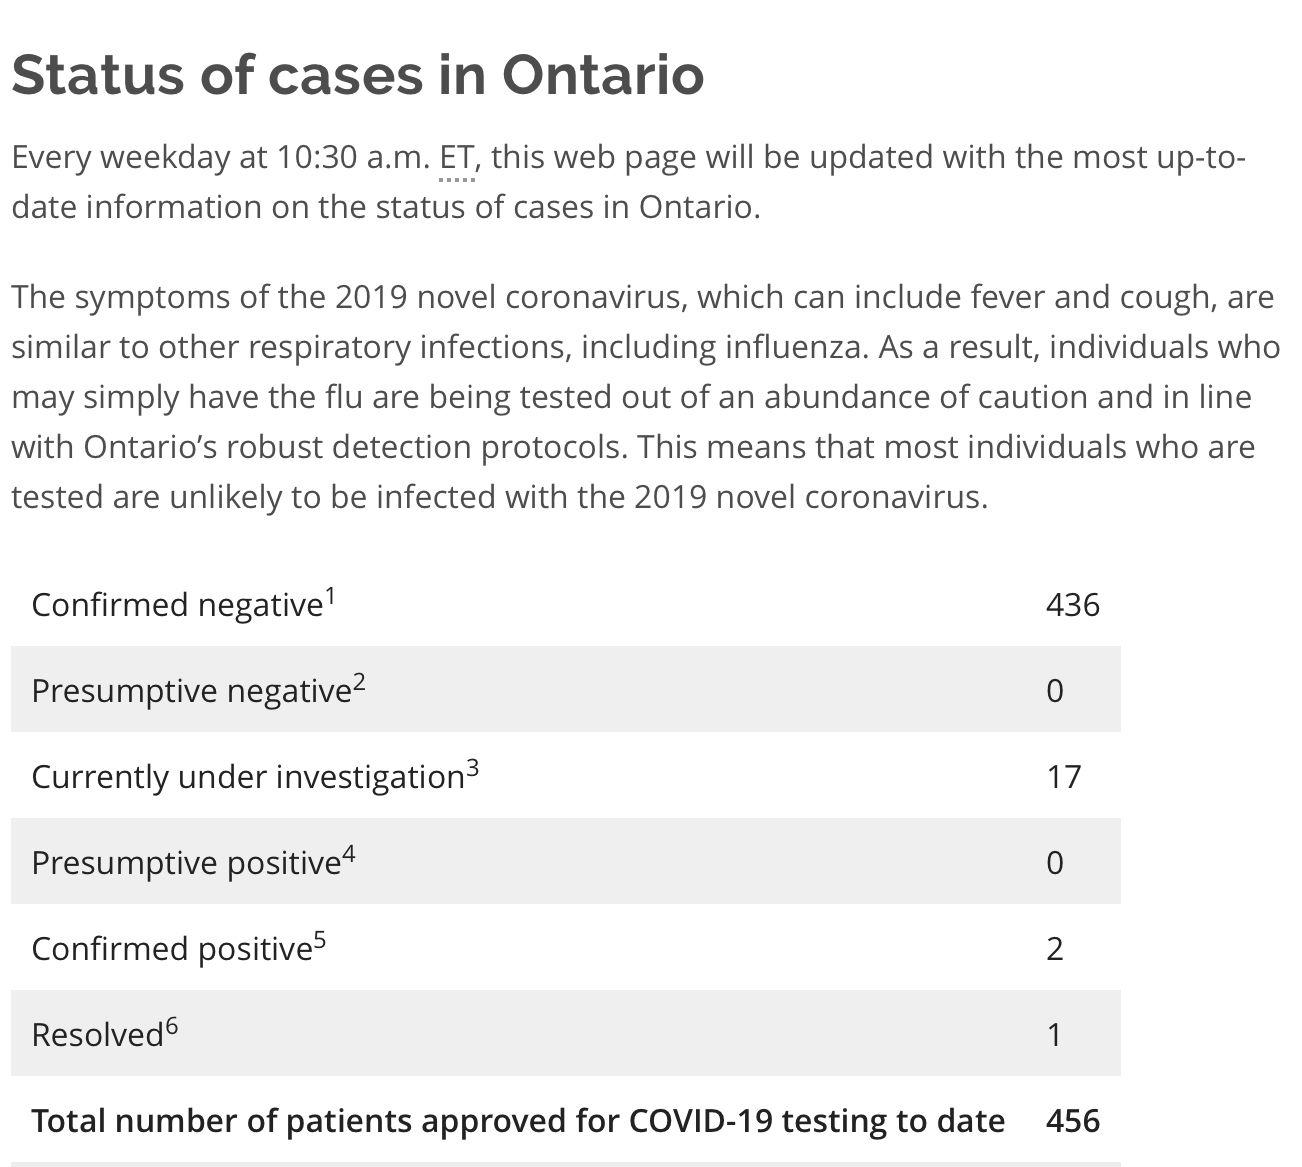 疫情更新:安省1日内新增17人正在调查之中,连续19日无新增病例